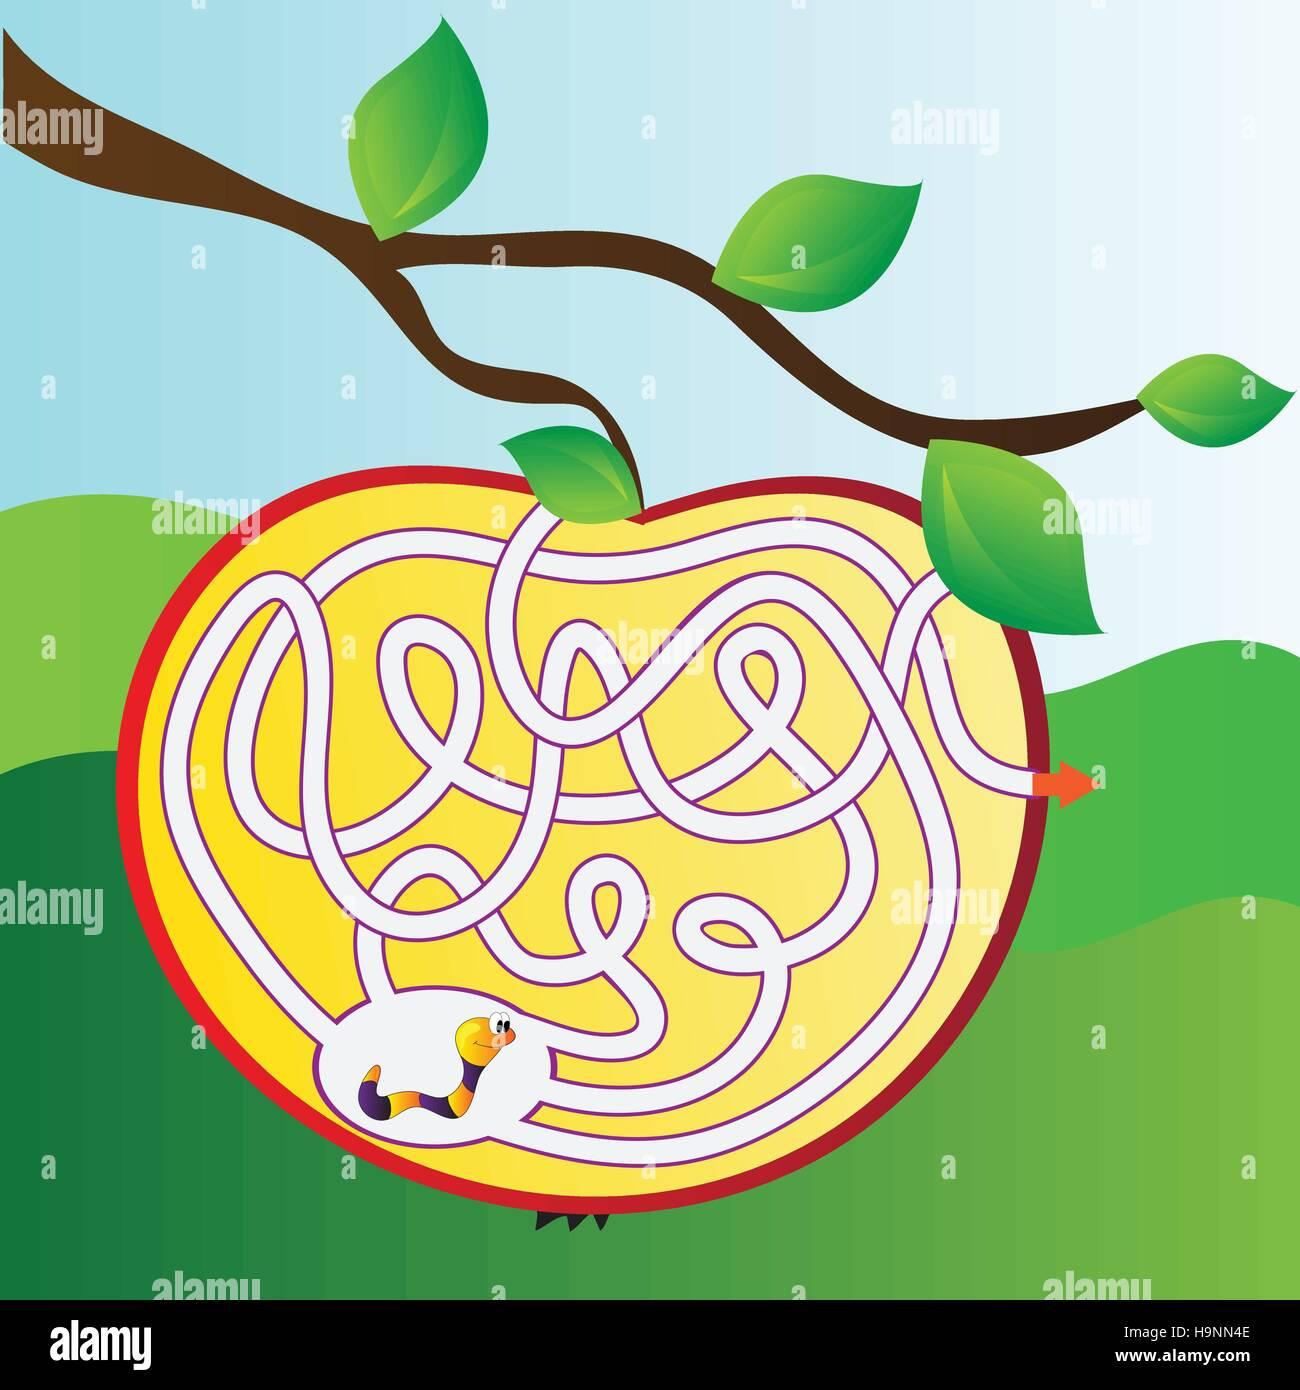 Per bambini - puzzle semplice labirinto - bright illustrazione vettoriale Immagini Stock